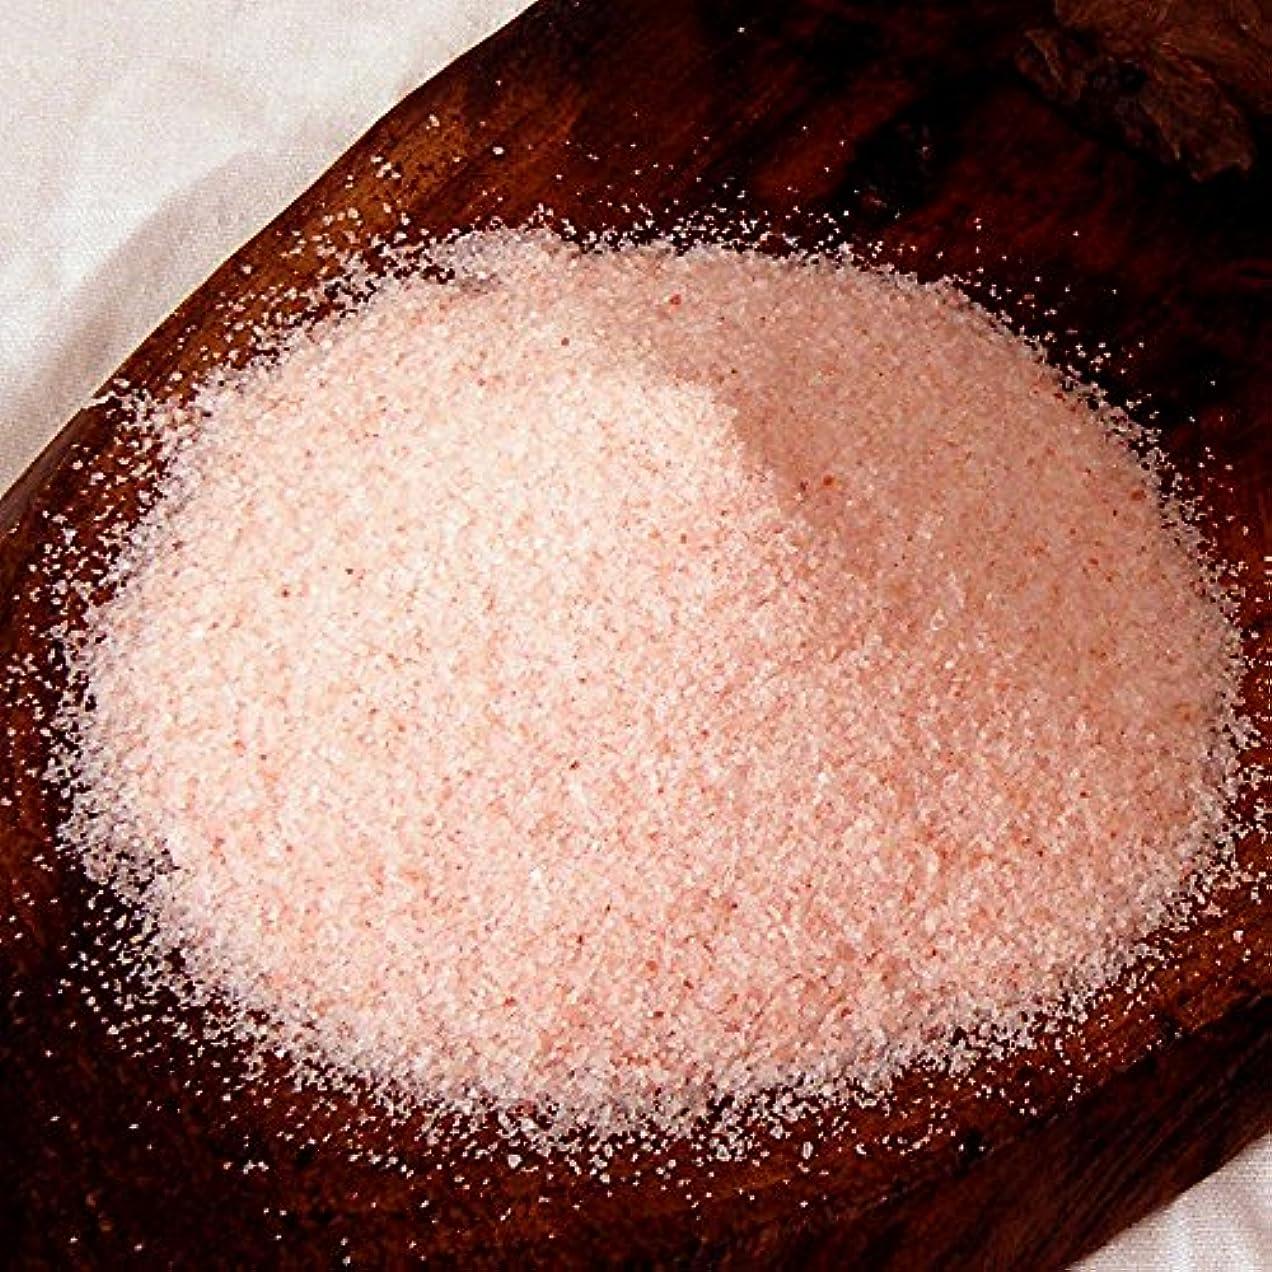 賞説得力のある差し引くヒマラヤ岩塩 バスソルト ローズソルト 溶けやすい細粒タイプ お試し1kg (ソルト内容量970g)